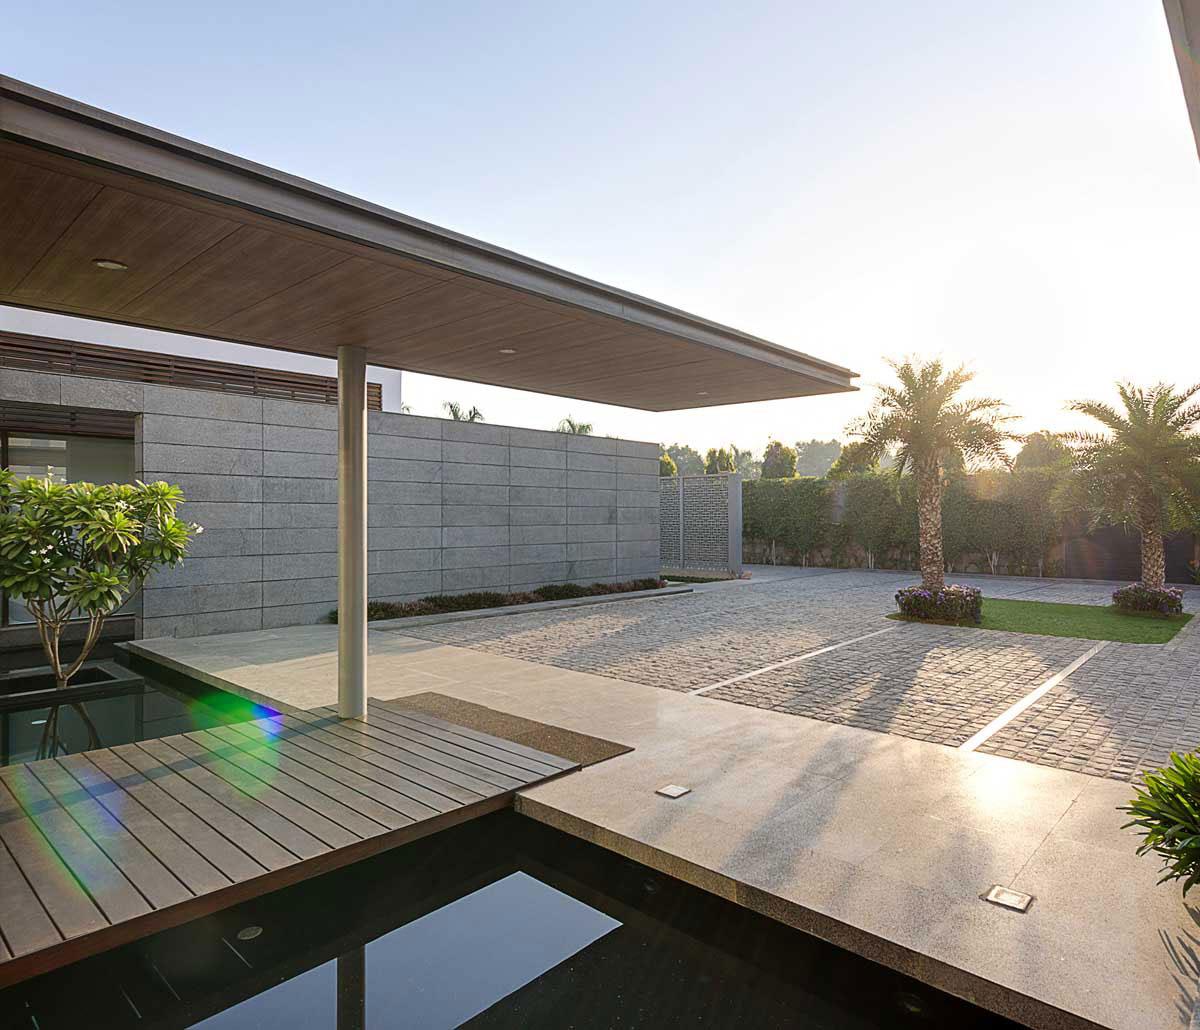 Lyxig center-court-villa designad av-DADA-partners-2 Lyxig center-court-villa designad av-DADA-partners